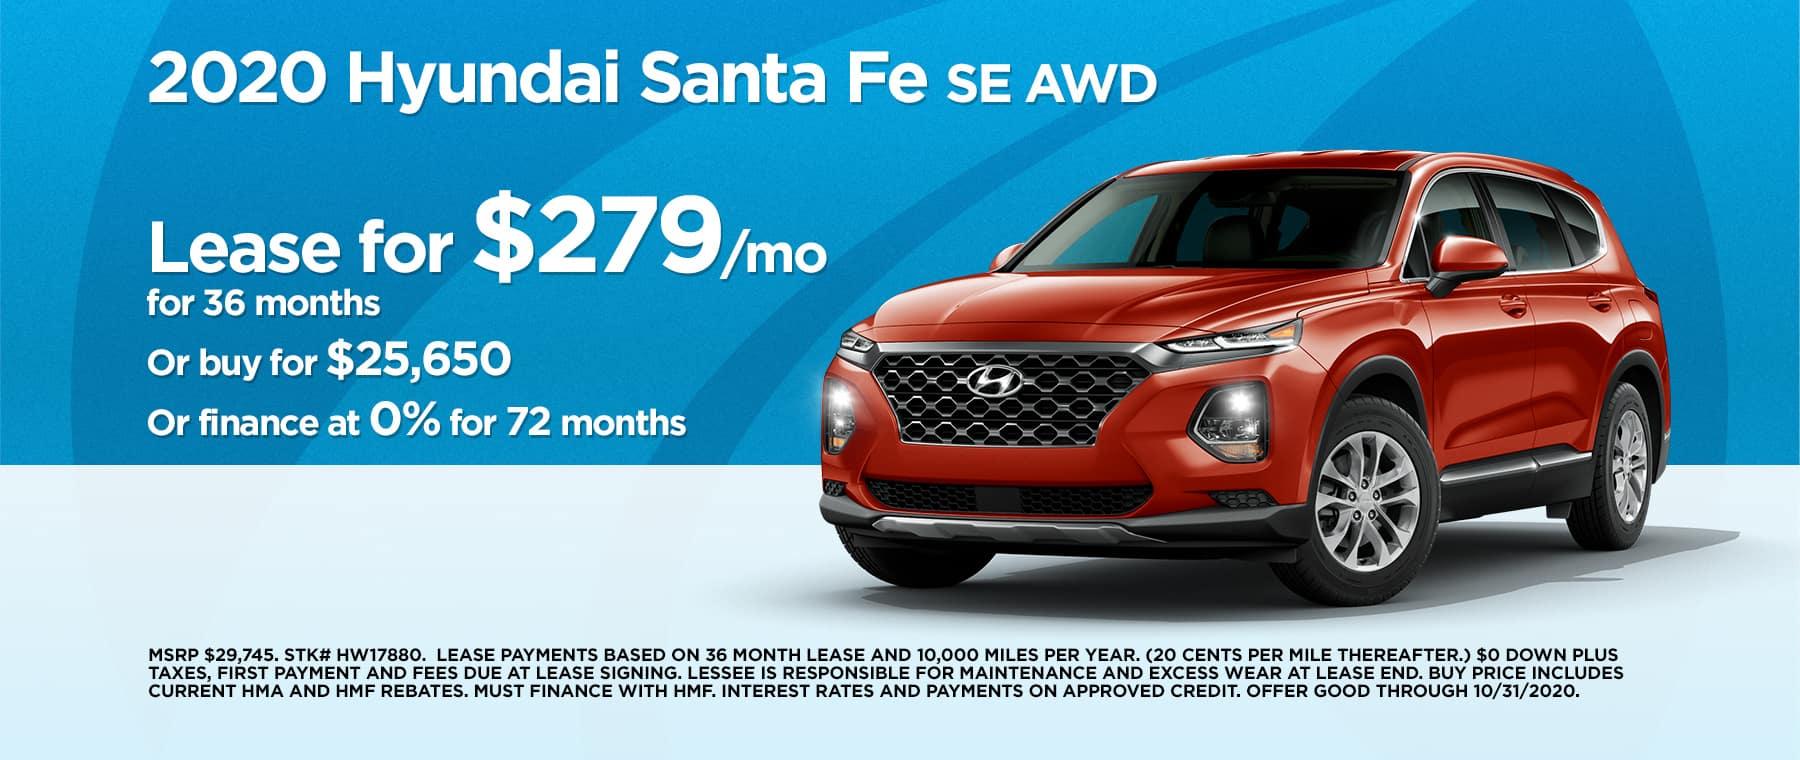 2010 Hyundai SantaFe